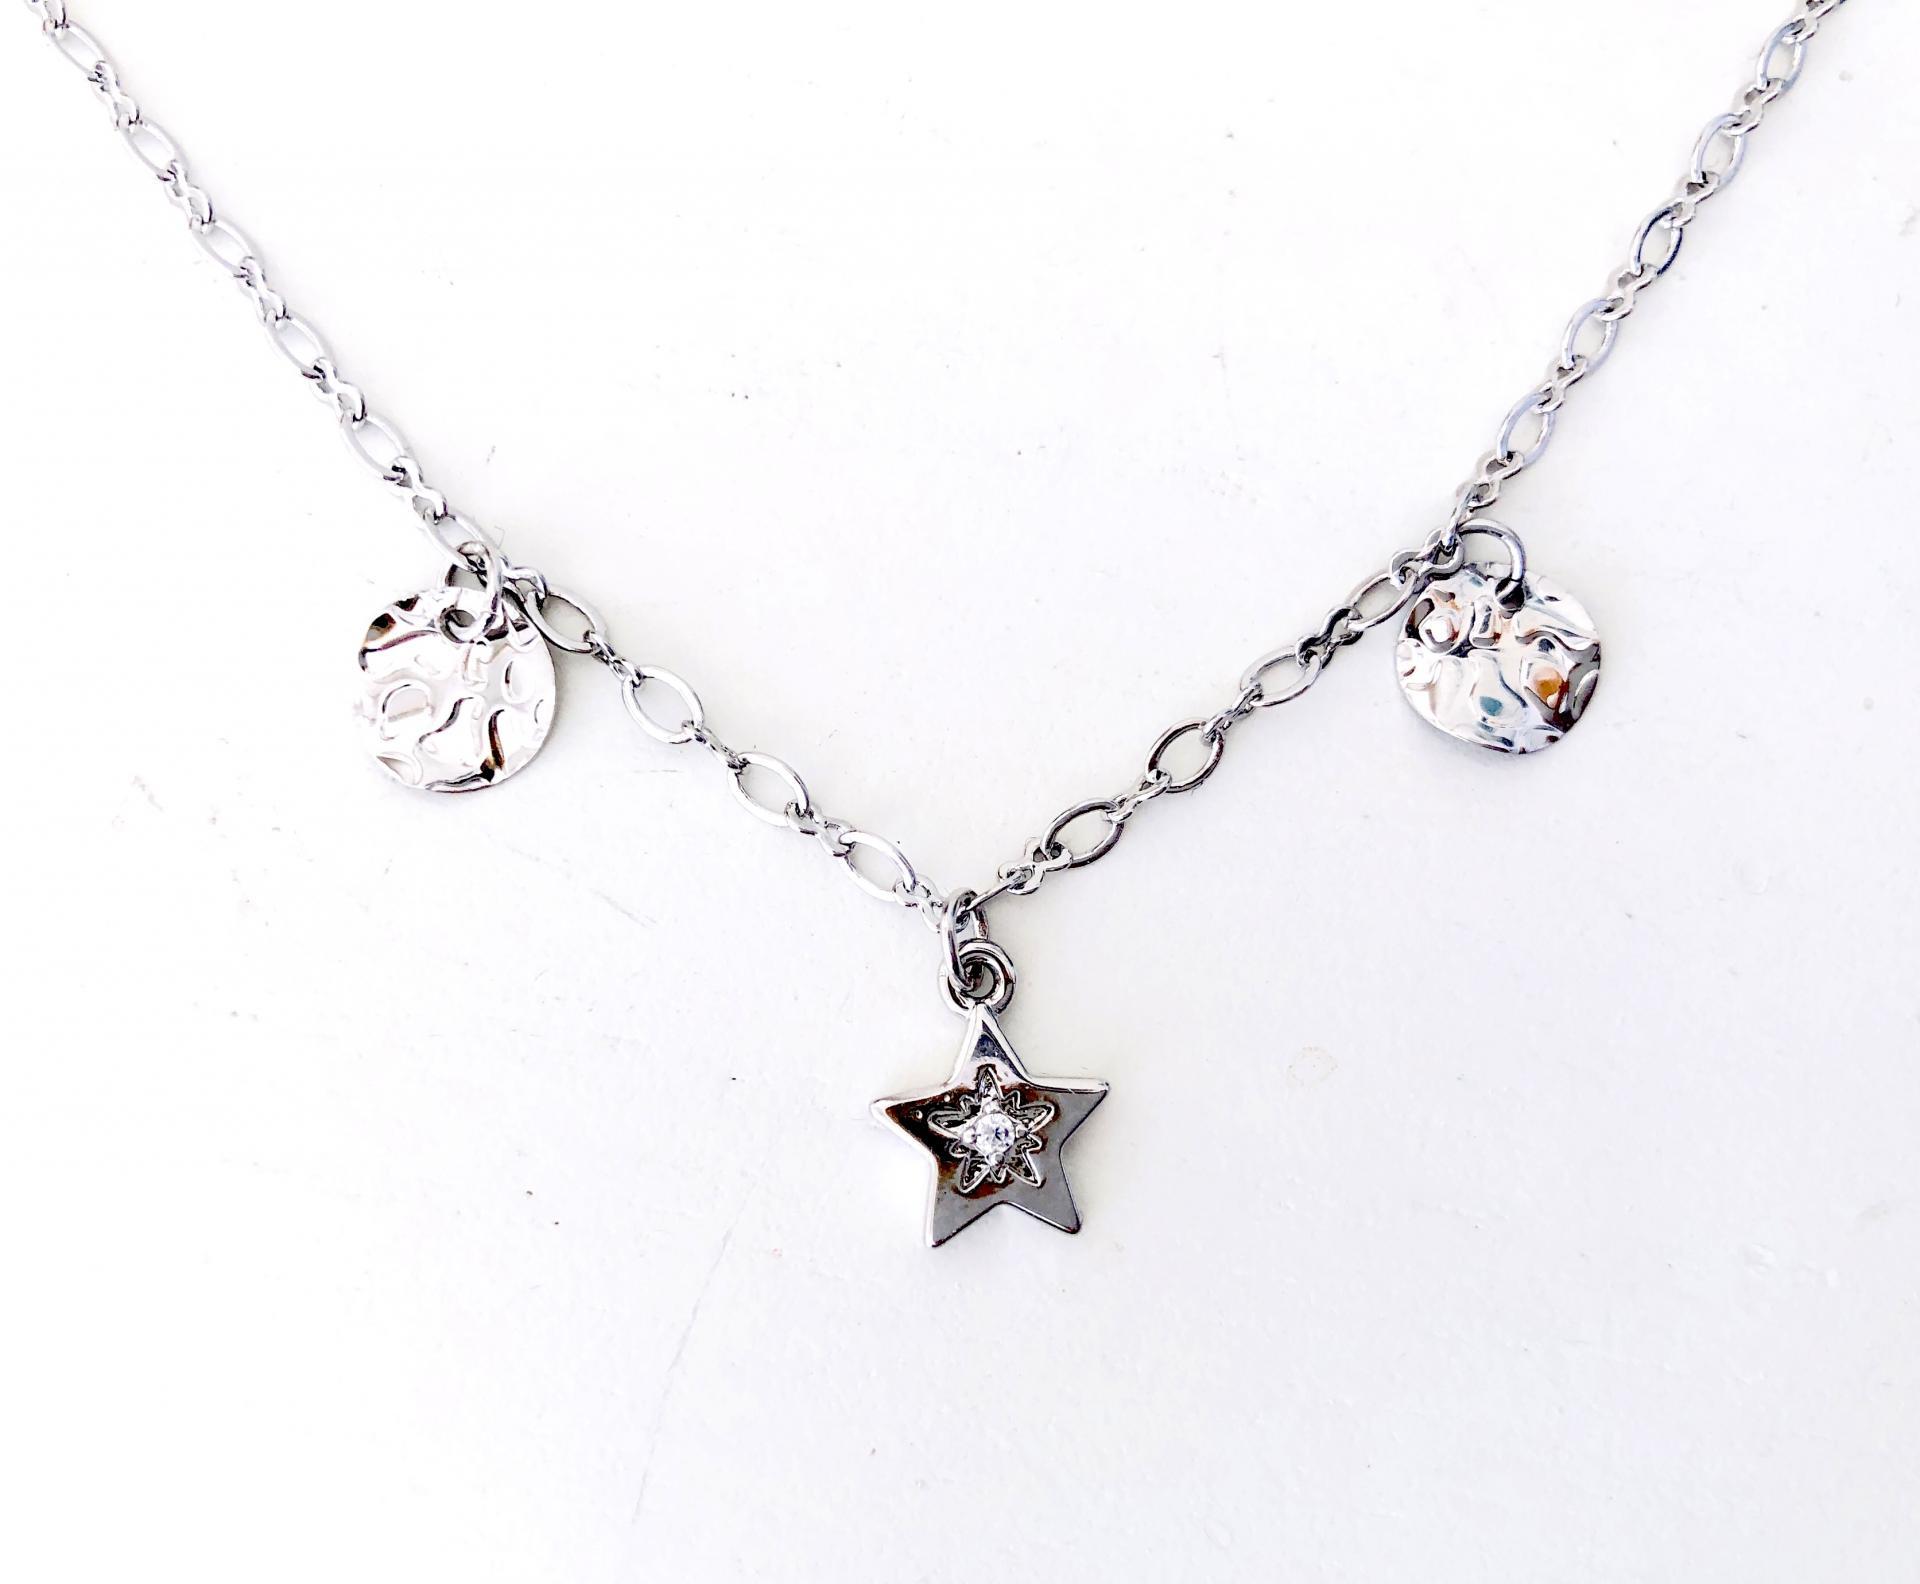 Collar gargantilla  plateado con estrella y círculos irregulares